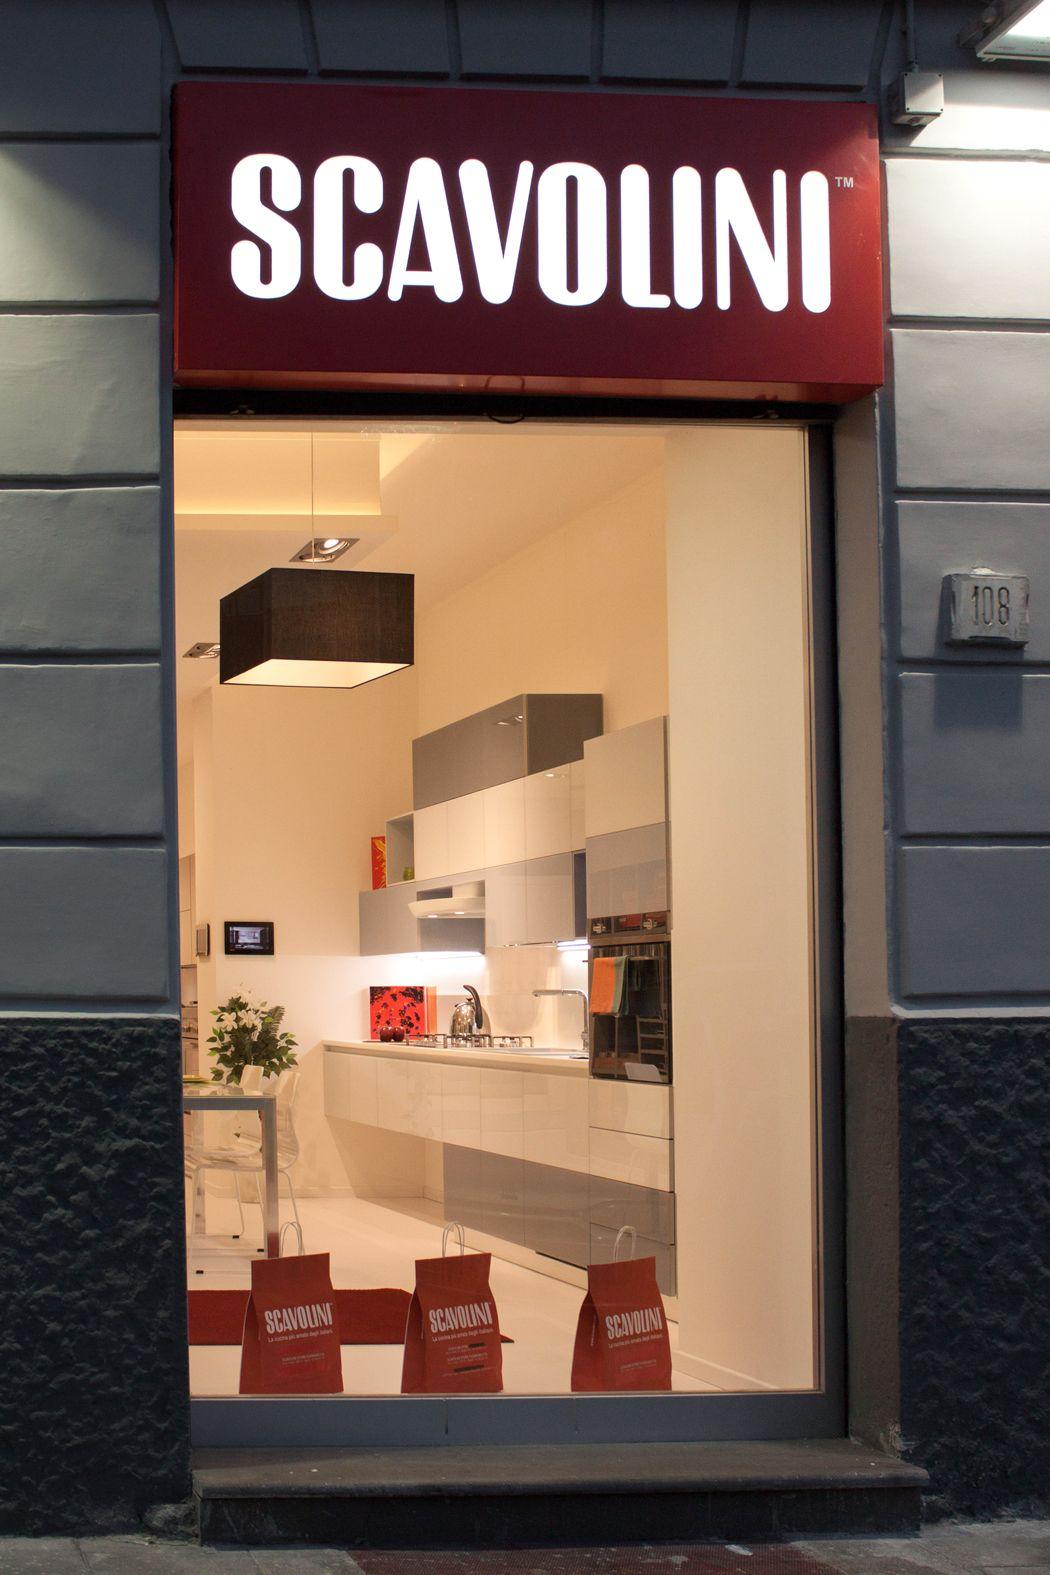 Scavolini Store Napoli Fuorigrotta by Gielle Interni srl